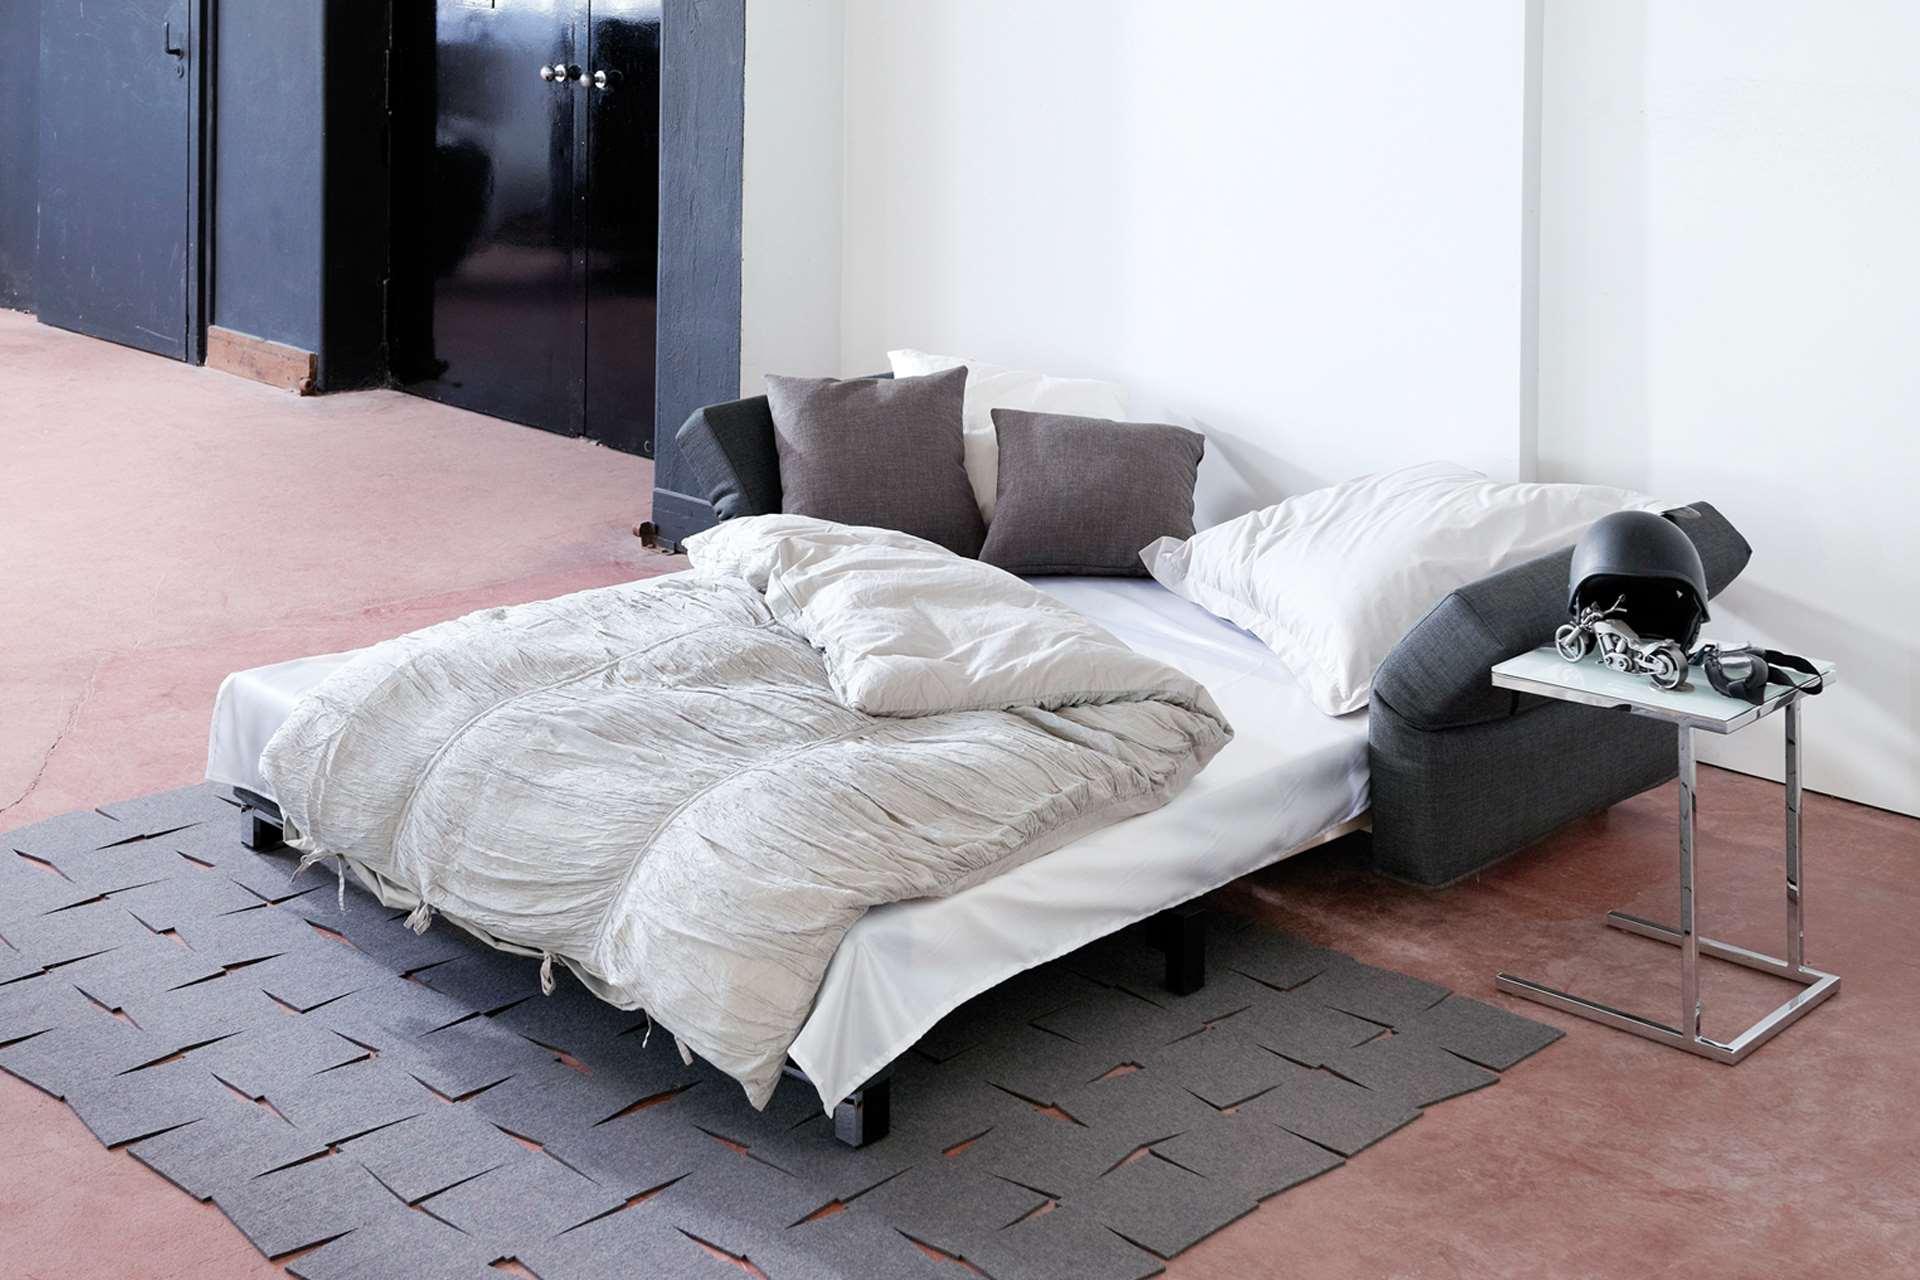 Aktions-Schlafsofa Moritz ausgezogen in die Schlafposition